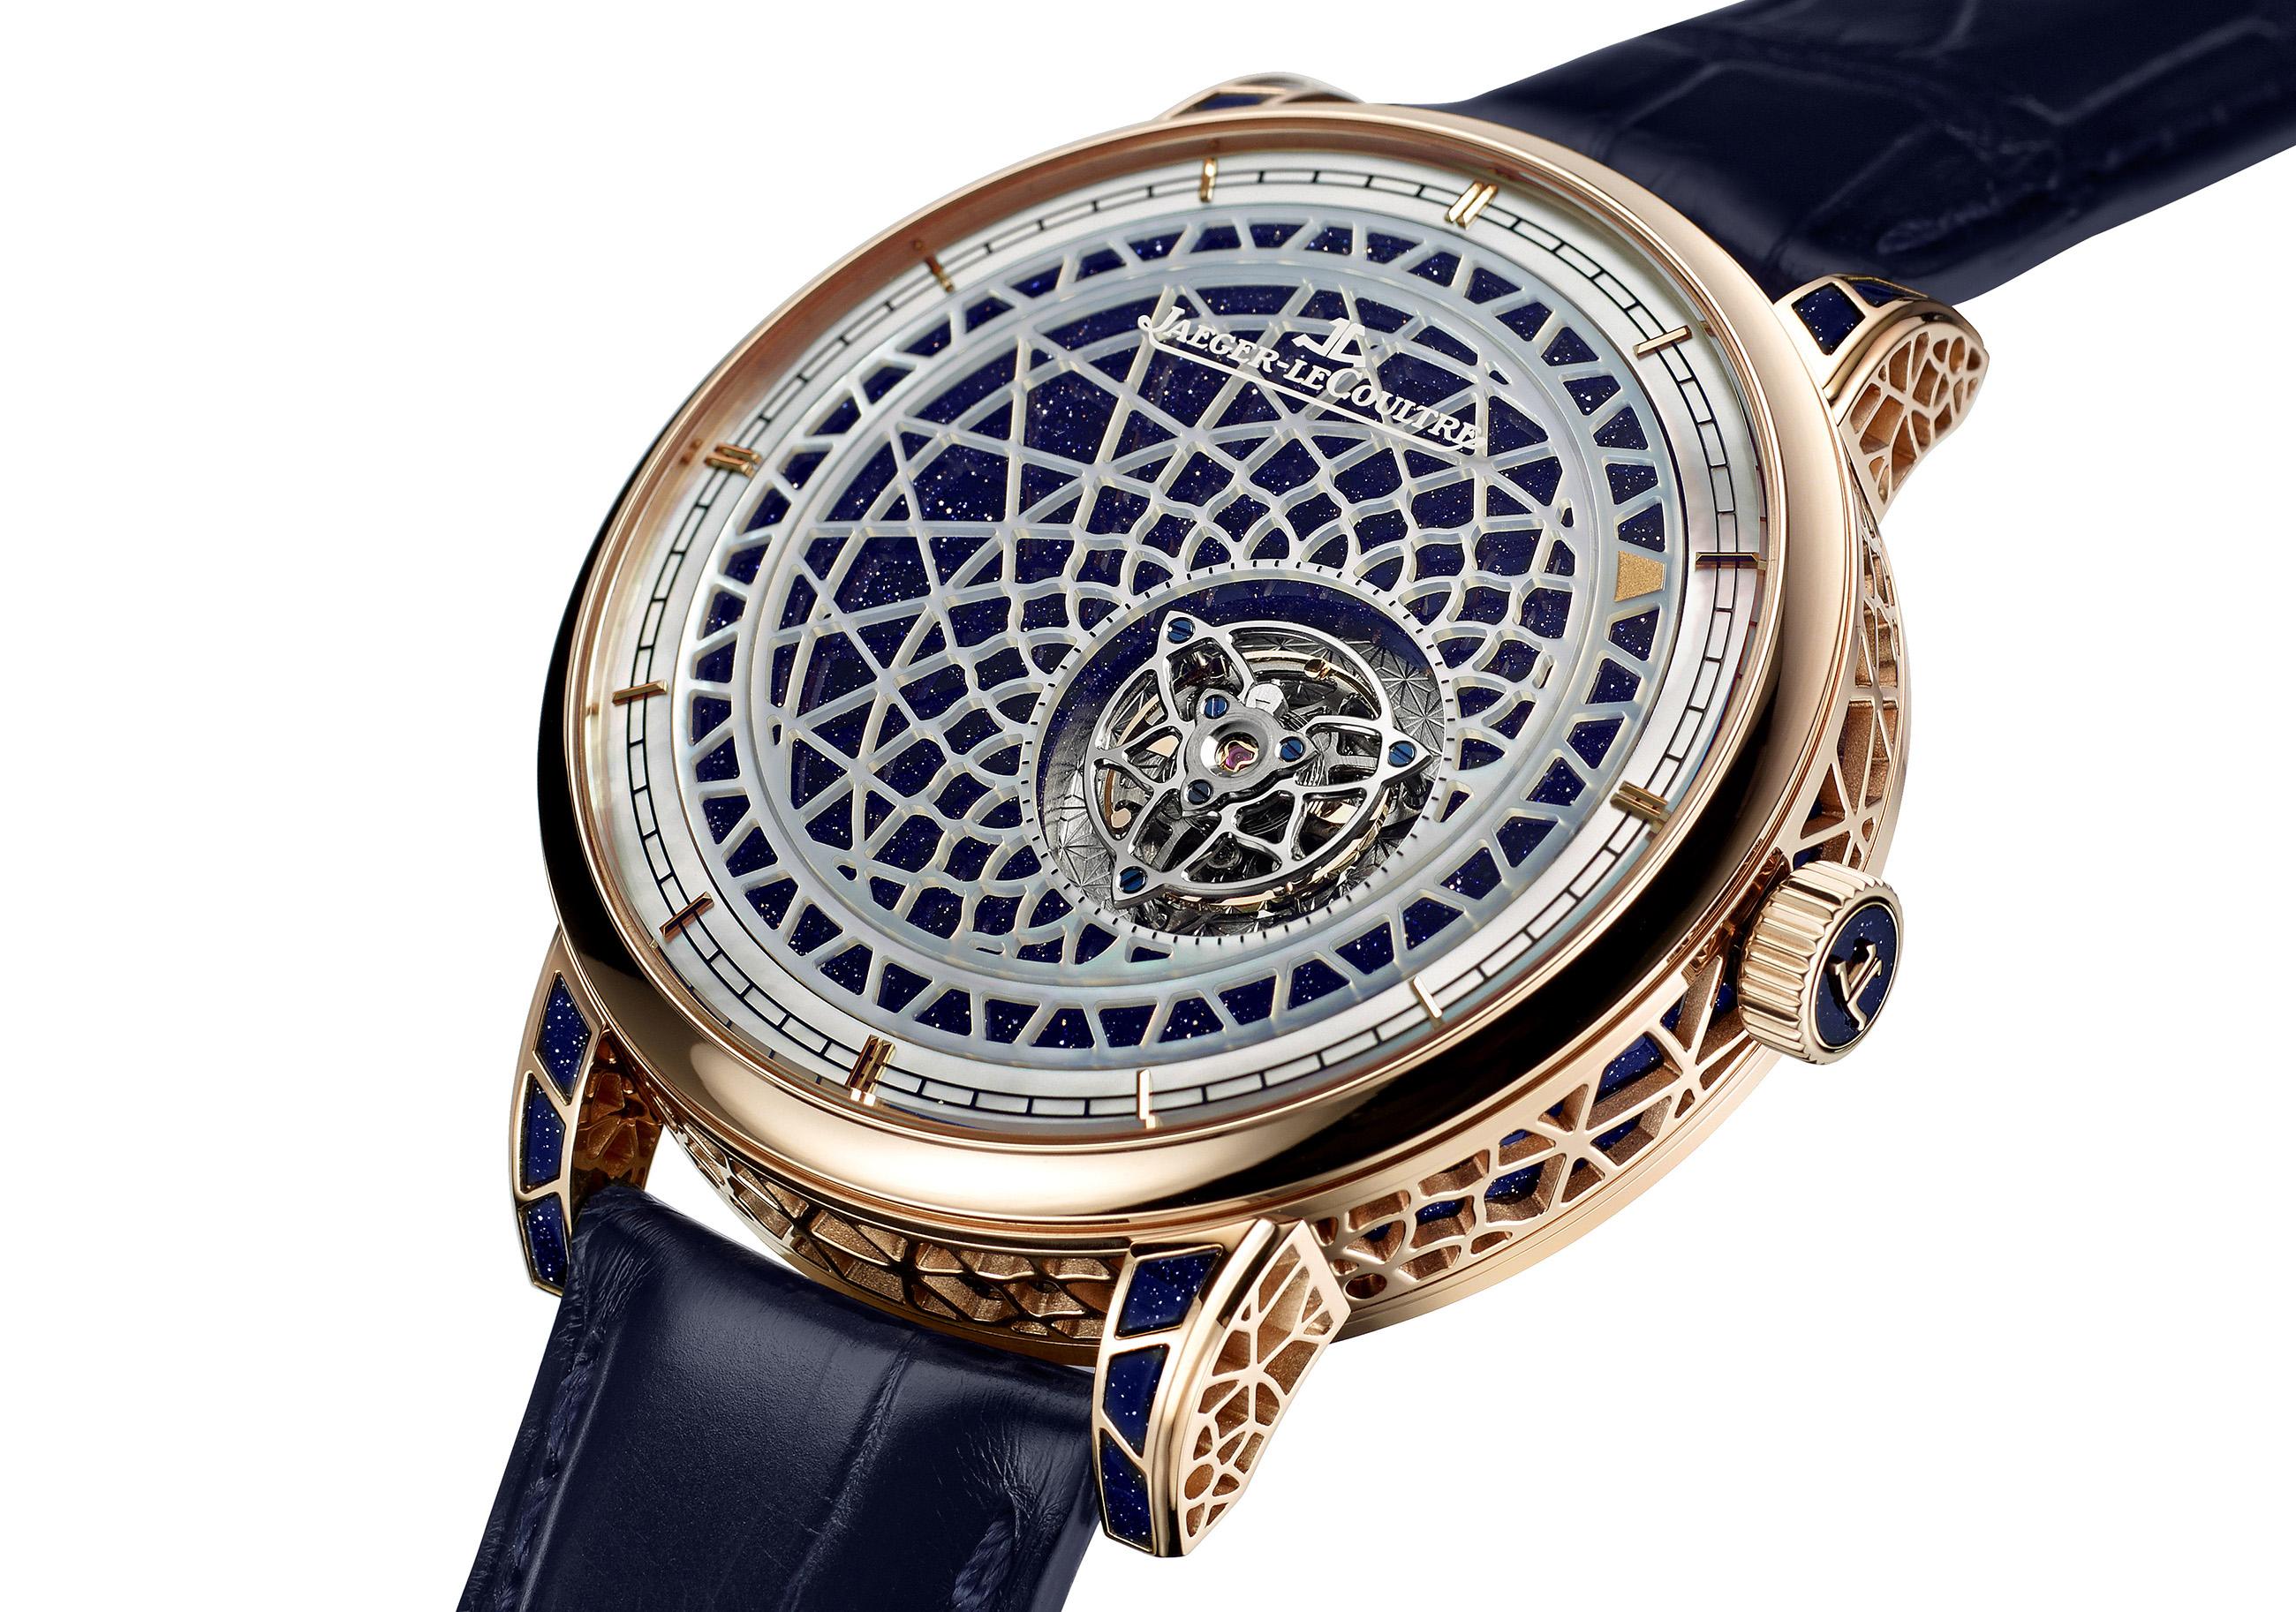 hyris_artistica_mysterieuse_mens_timepieces_front copy